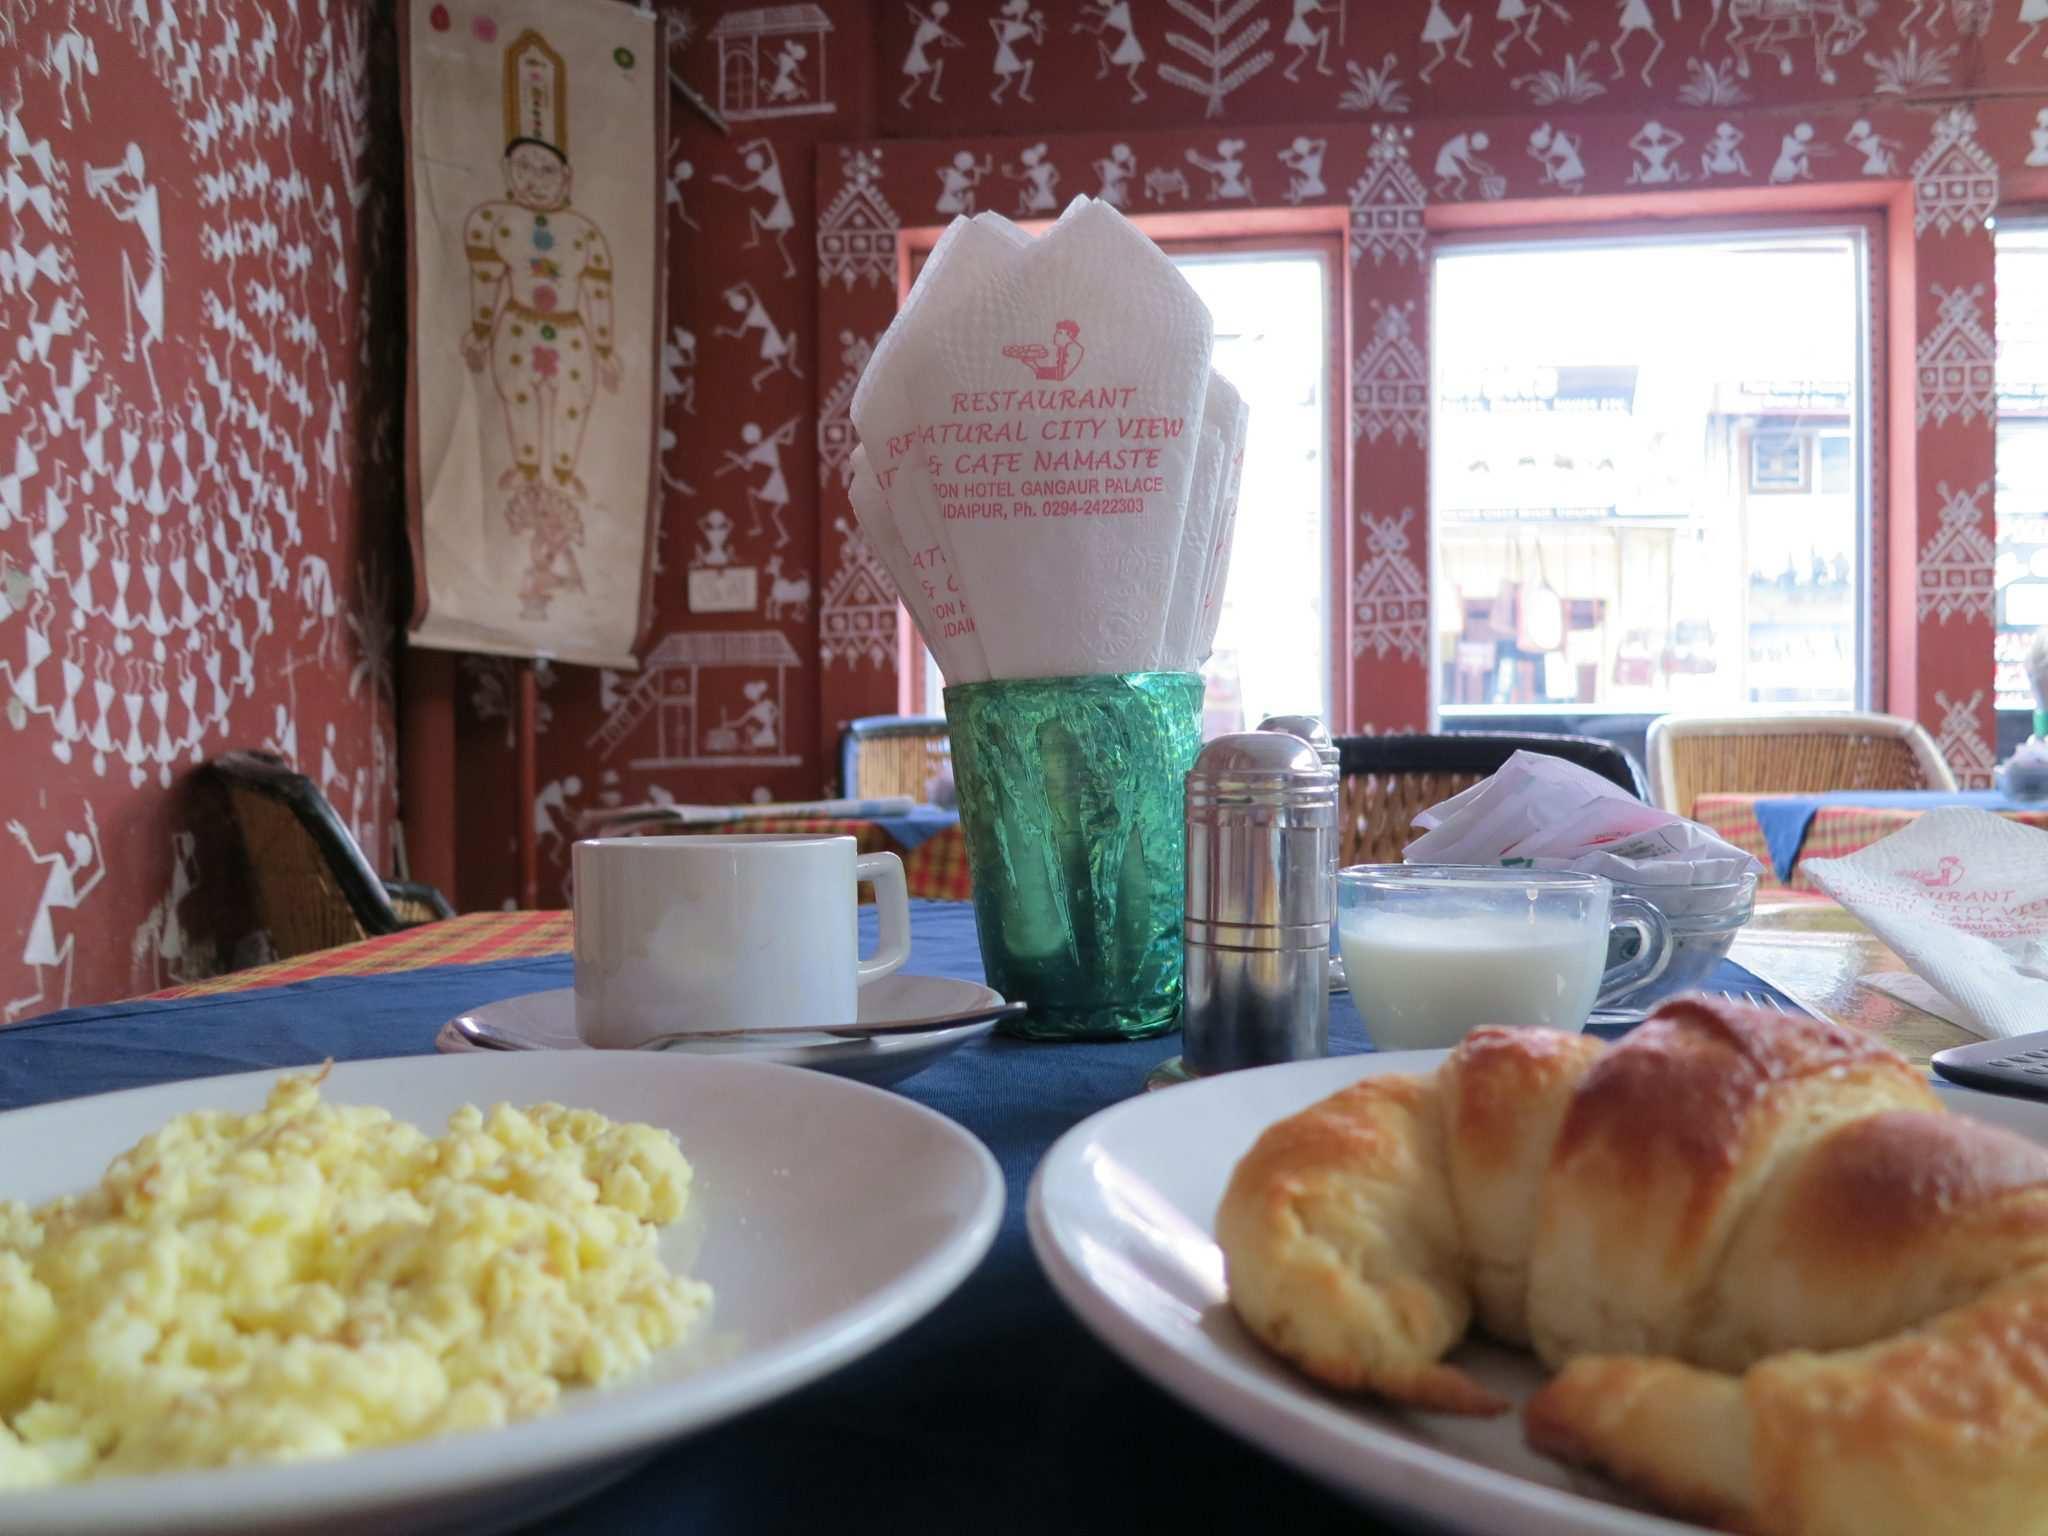 Cafe Namaste